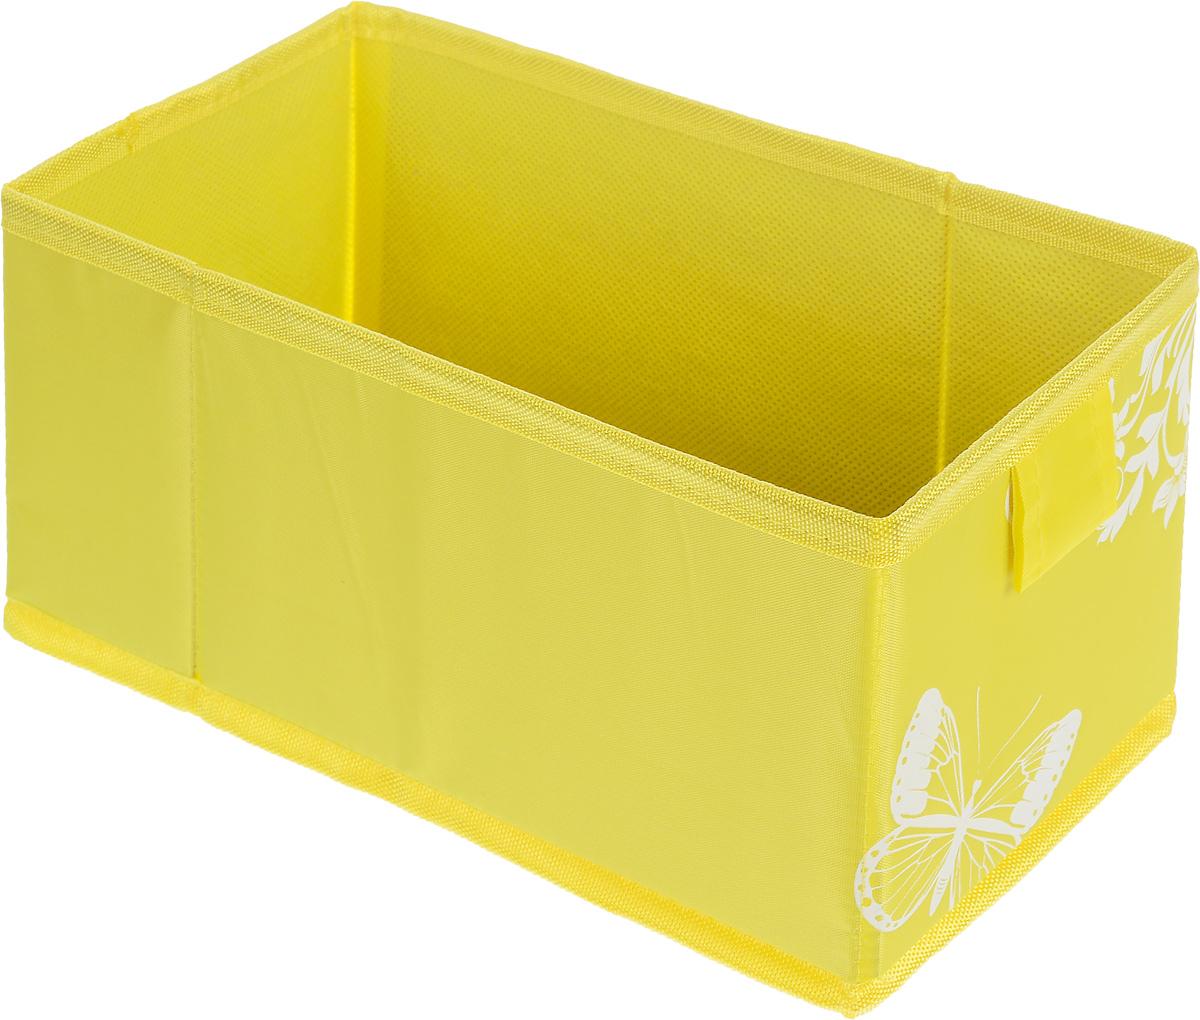 Коробка для хранения Hausmann Butterfly, цвет: желтый, 13 x 27 x 12,5 смS03301004Коробка для хранения вещей Hausmann Butterfly поможет легко организовать пространство в шкафу или в гардеробе. Изделие выполнено из нетканого материала и полиэстера. Коробка держит форму благодаря жесткой вставке из картона, которая устанавливается на дно.Боковая поверхность оформлена красивым принтом с изображением бабочек. В такой коробке удобно хранить нижнее белье, ремни и различные аксессуары. Размер кофра (в собранном виде): 13 x 27 x 12,5 см.